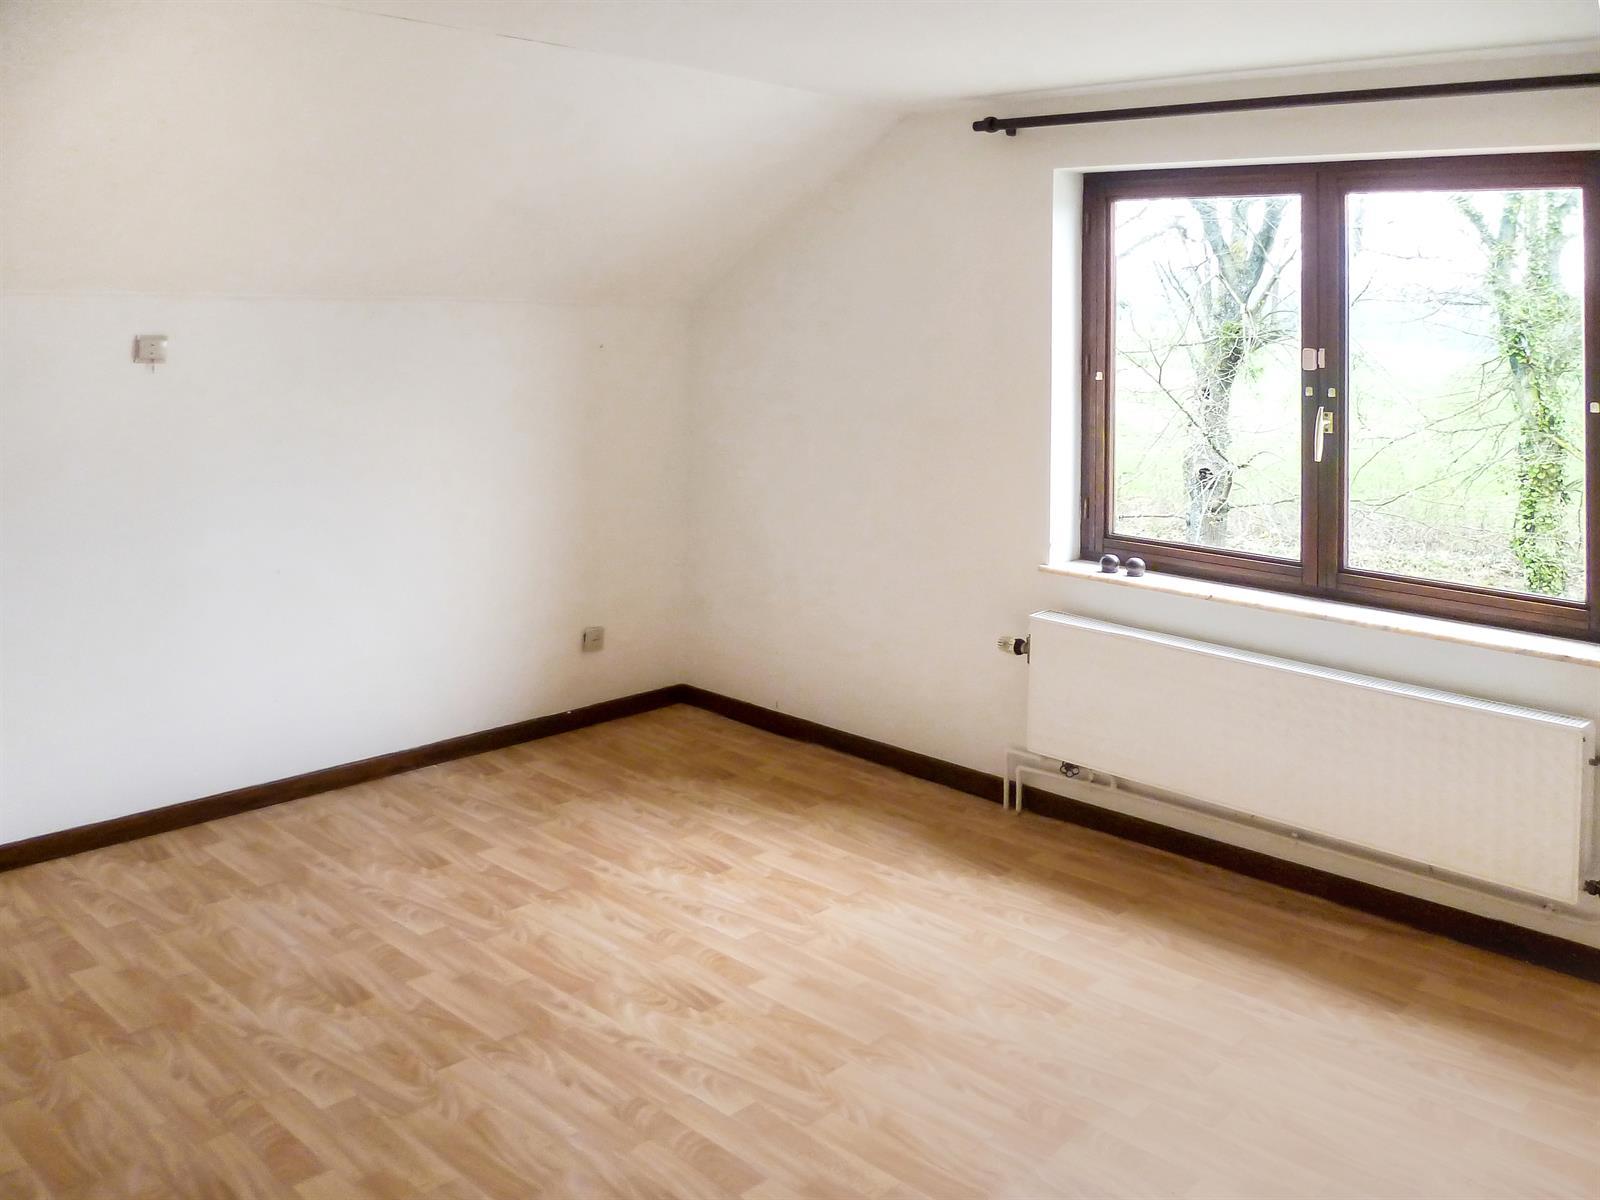 Huis - Rochefort - #4274772-10